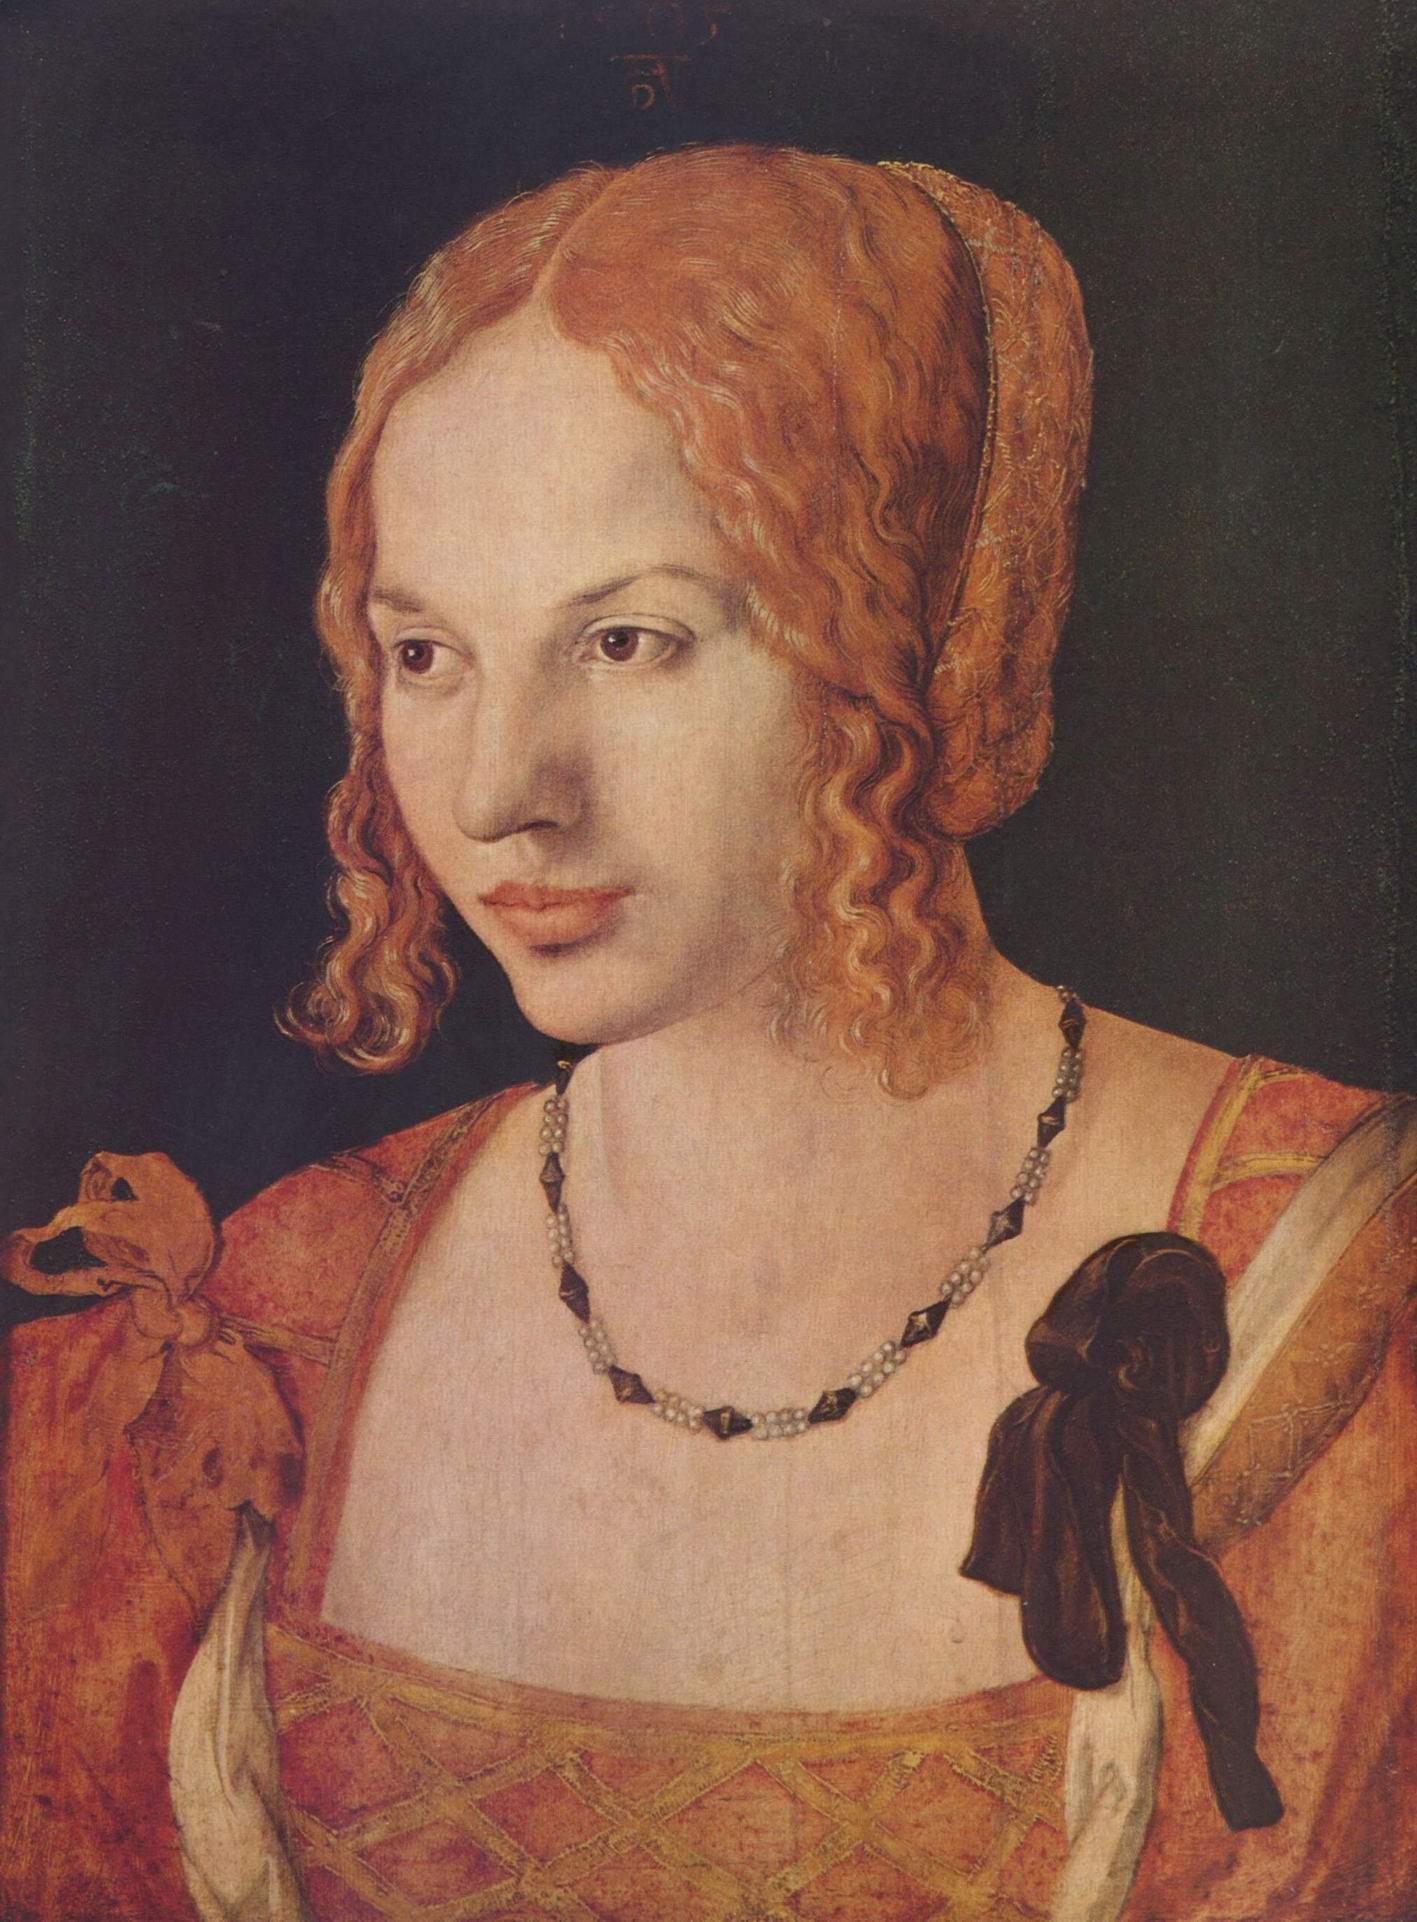 Из собрания шедевров мировой живописи... (543).jpg